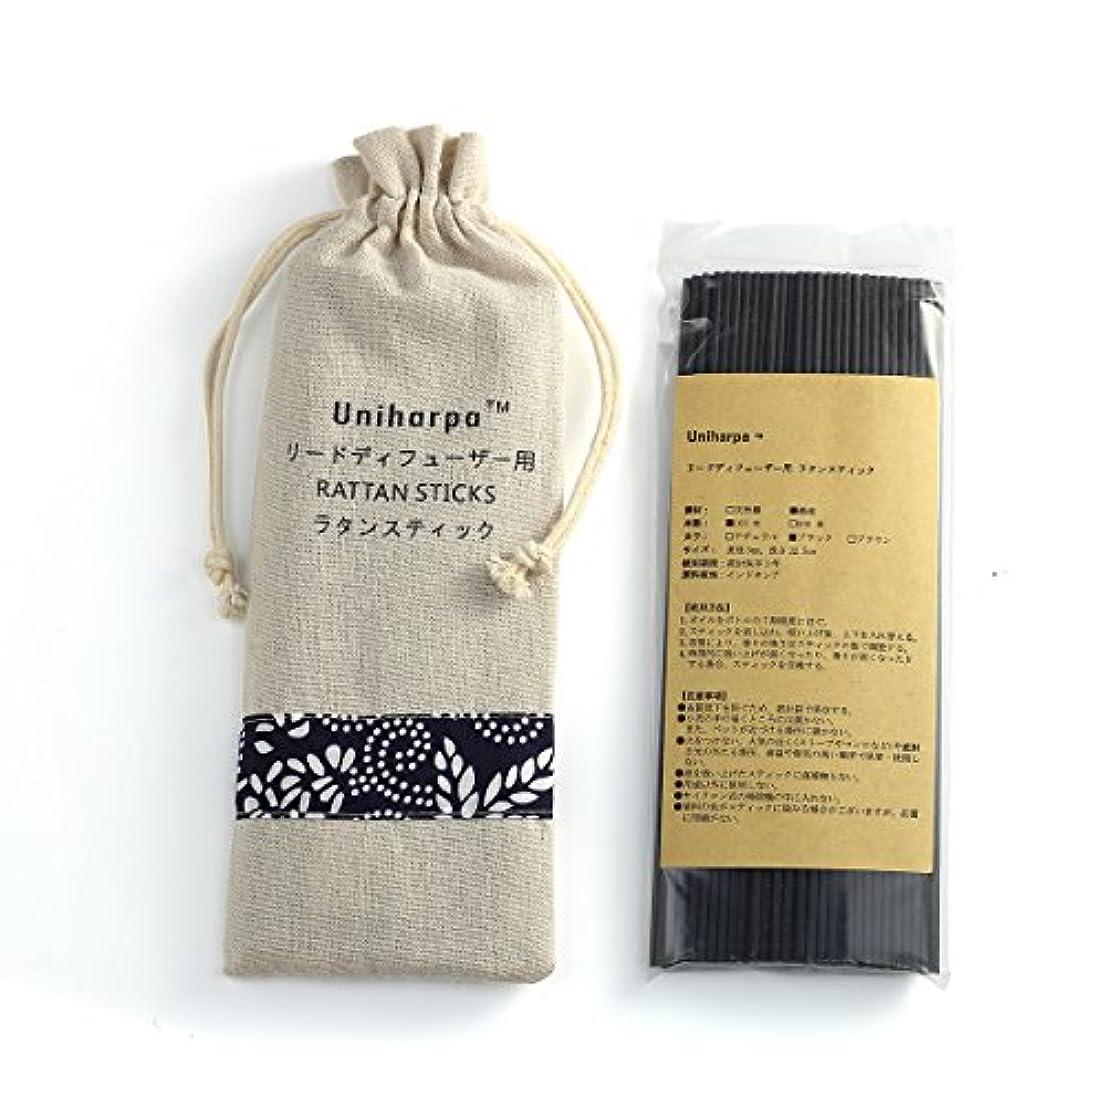 鉛筆検出器クロニクルリードディフューザー用 ラタンスティック/リードスティック リフィル 繊維素材 22.5cm 直径3mm 100本入 乾燥剤入り オリジナル旅行専用袋付 (ブラック)